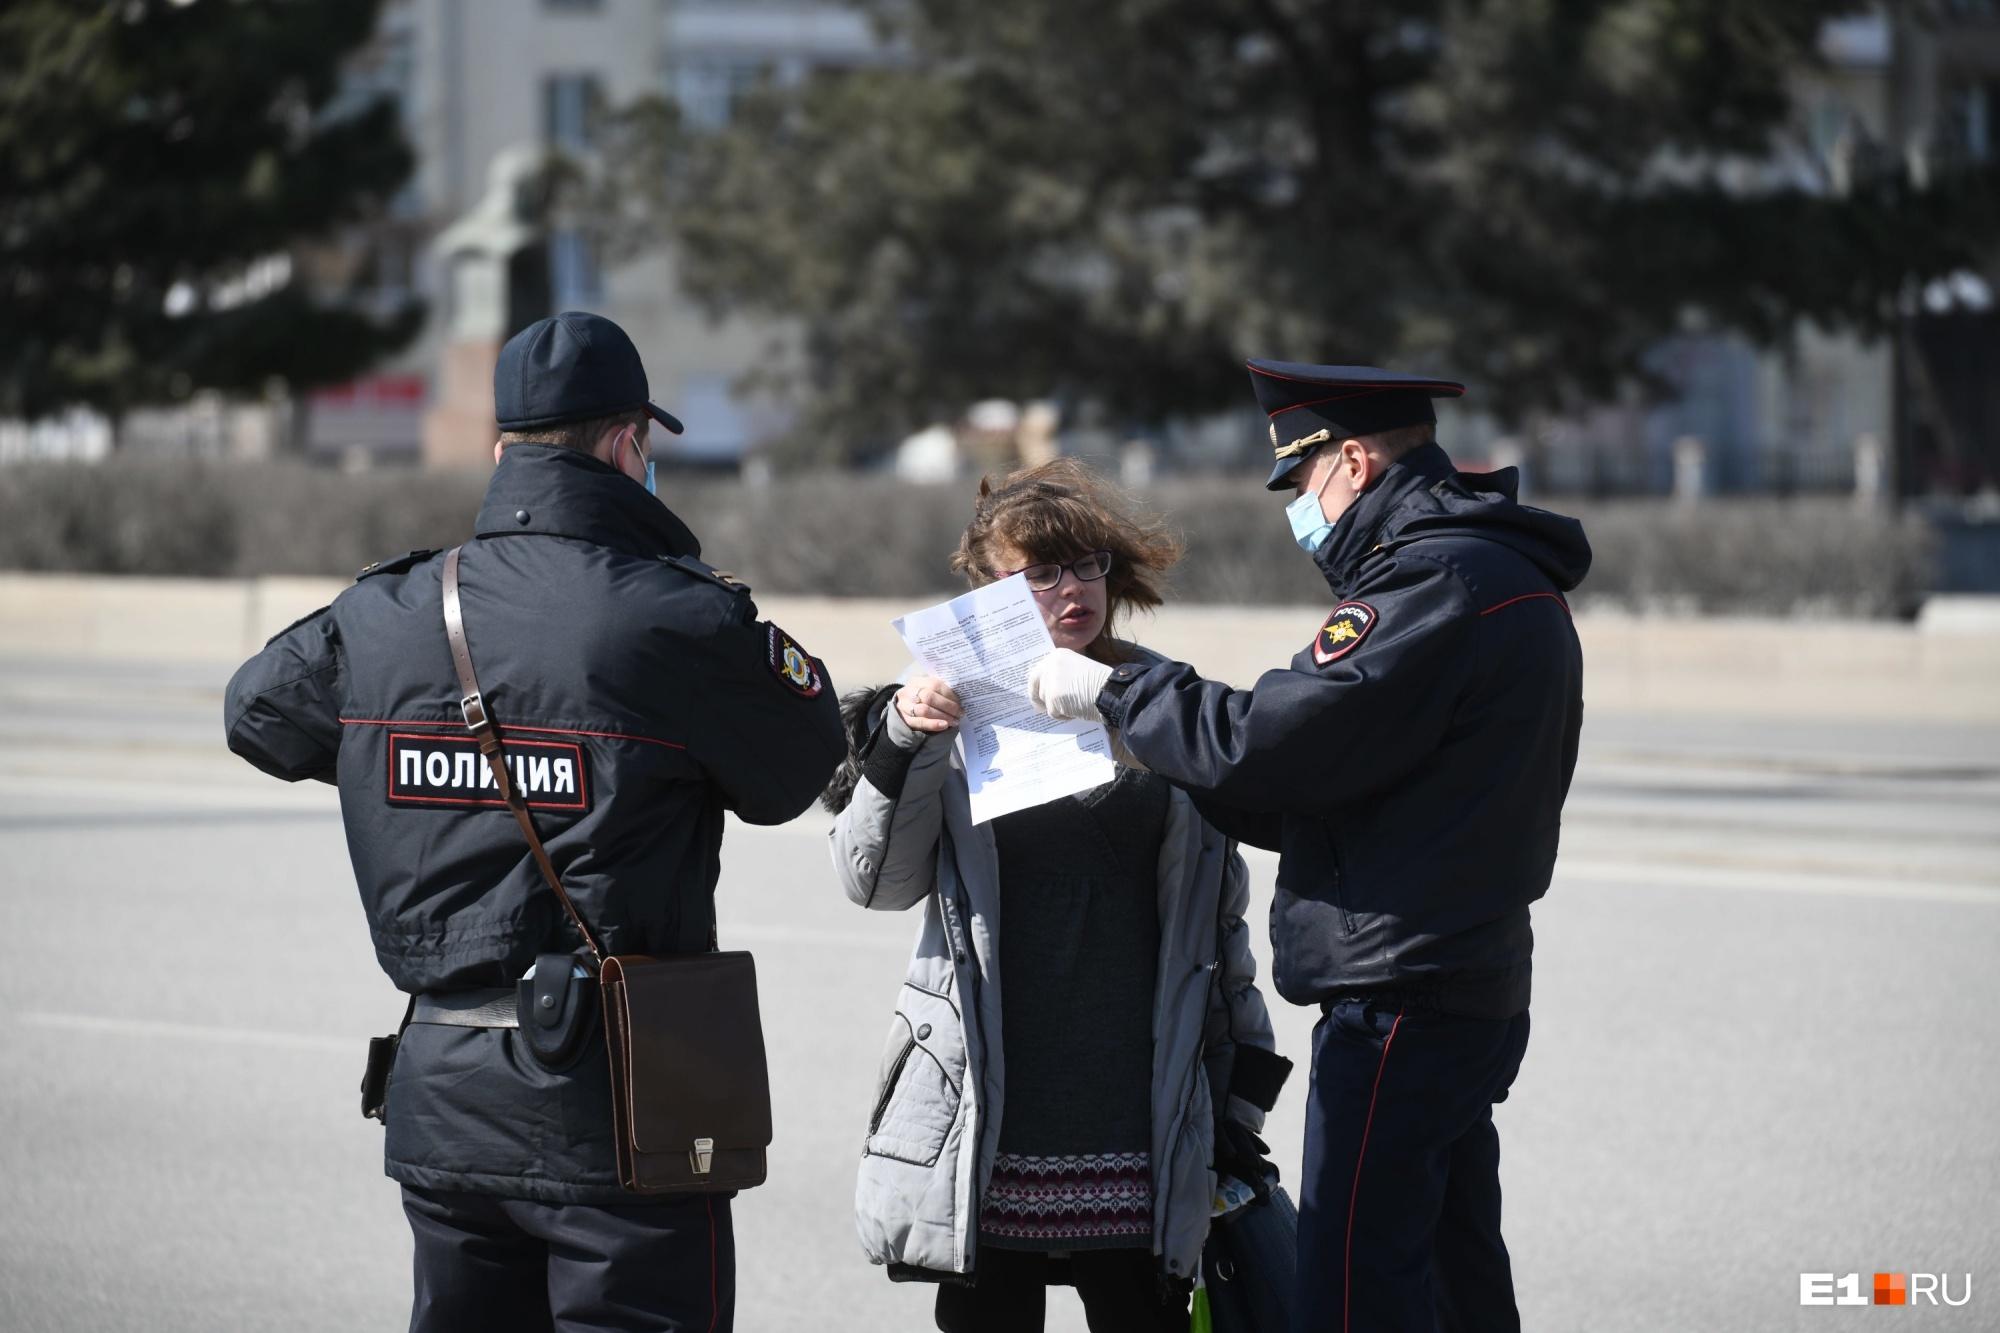 Эти полицейские настоящие, но с фальшивыми стражами порядка горожане уже сталкивались